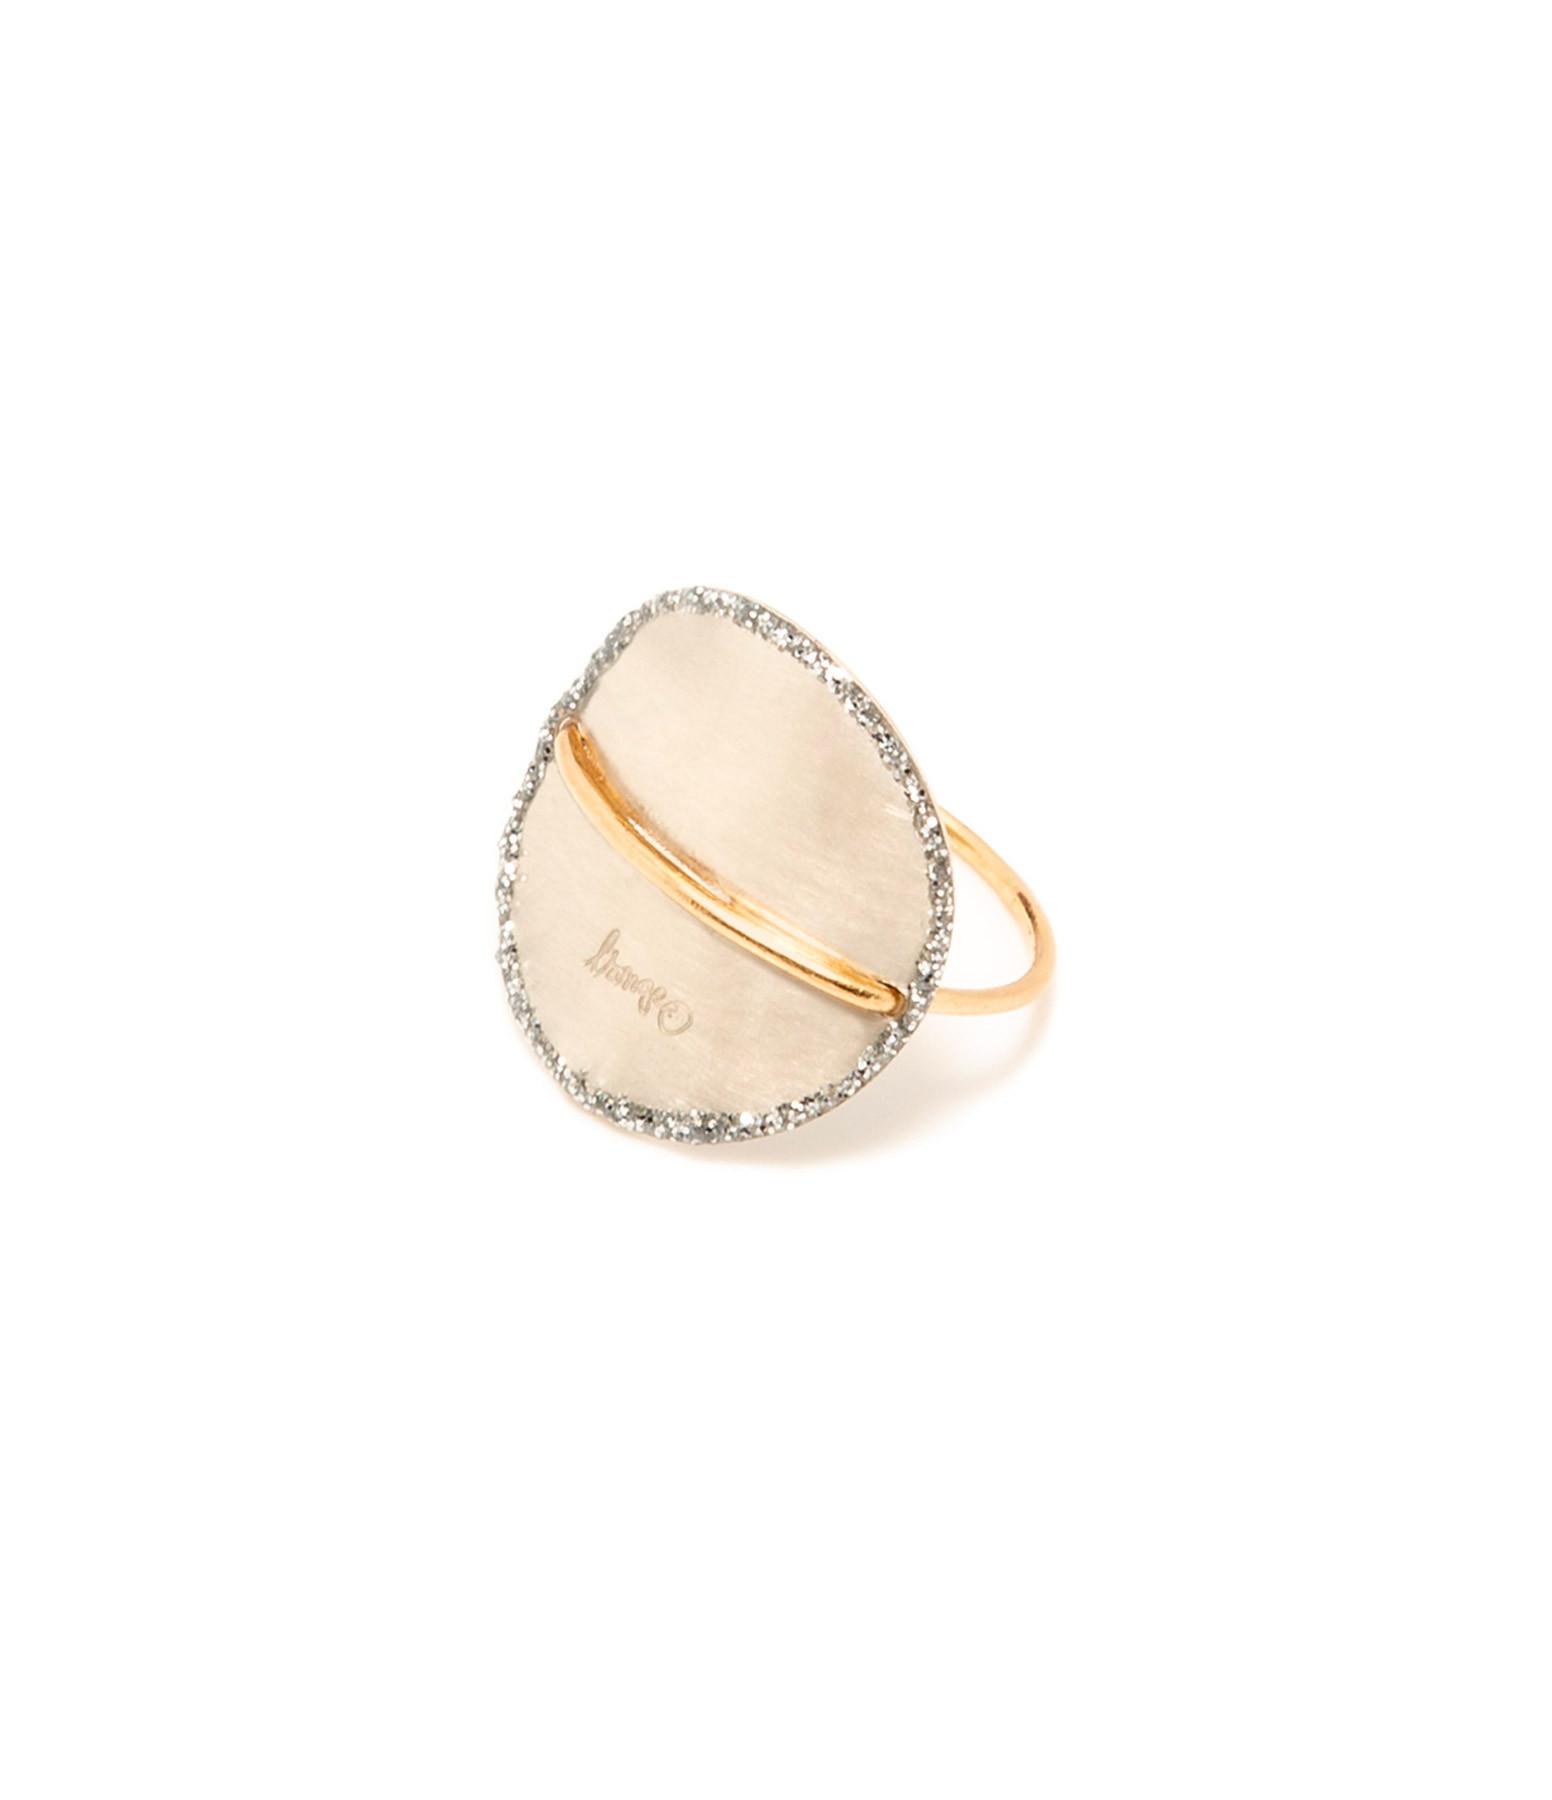 LSONGE - Bague Sublime Médaille XL Argent Blanc